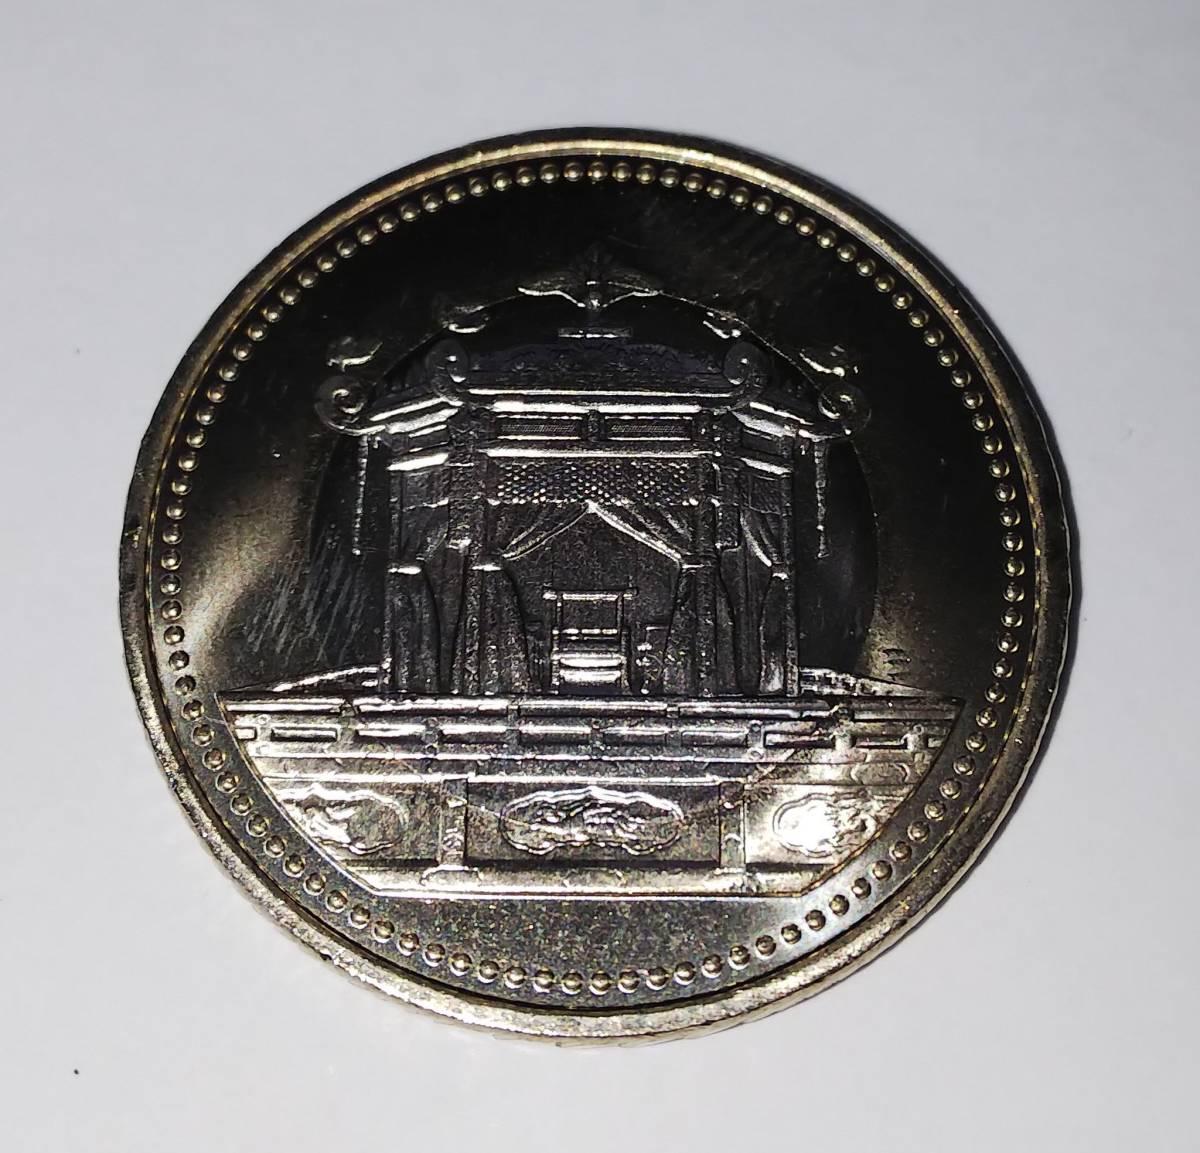 令和元年 天皇陛下御即位記念 記念硬貨 500円_画像2